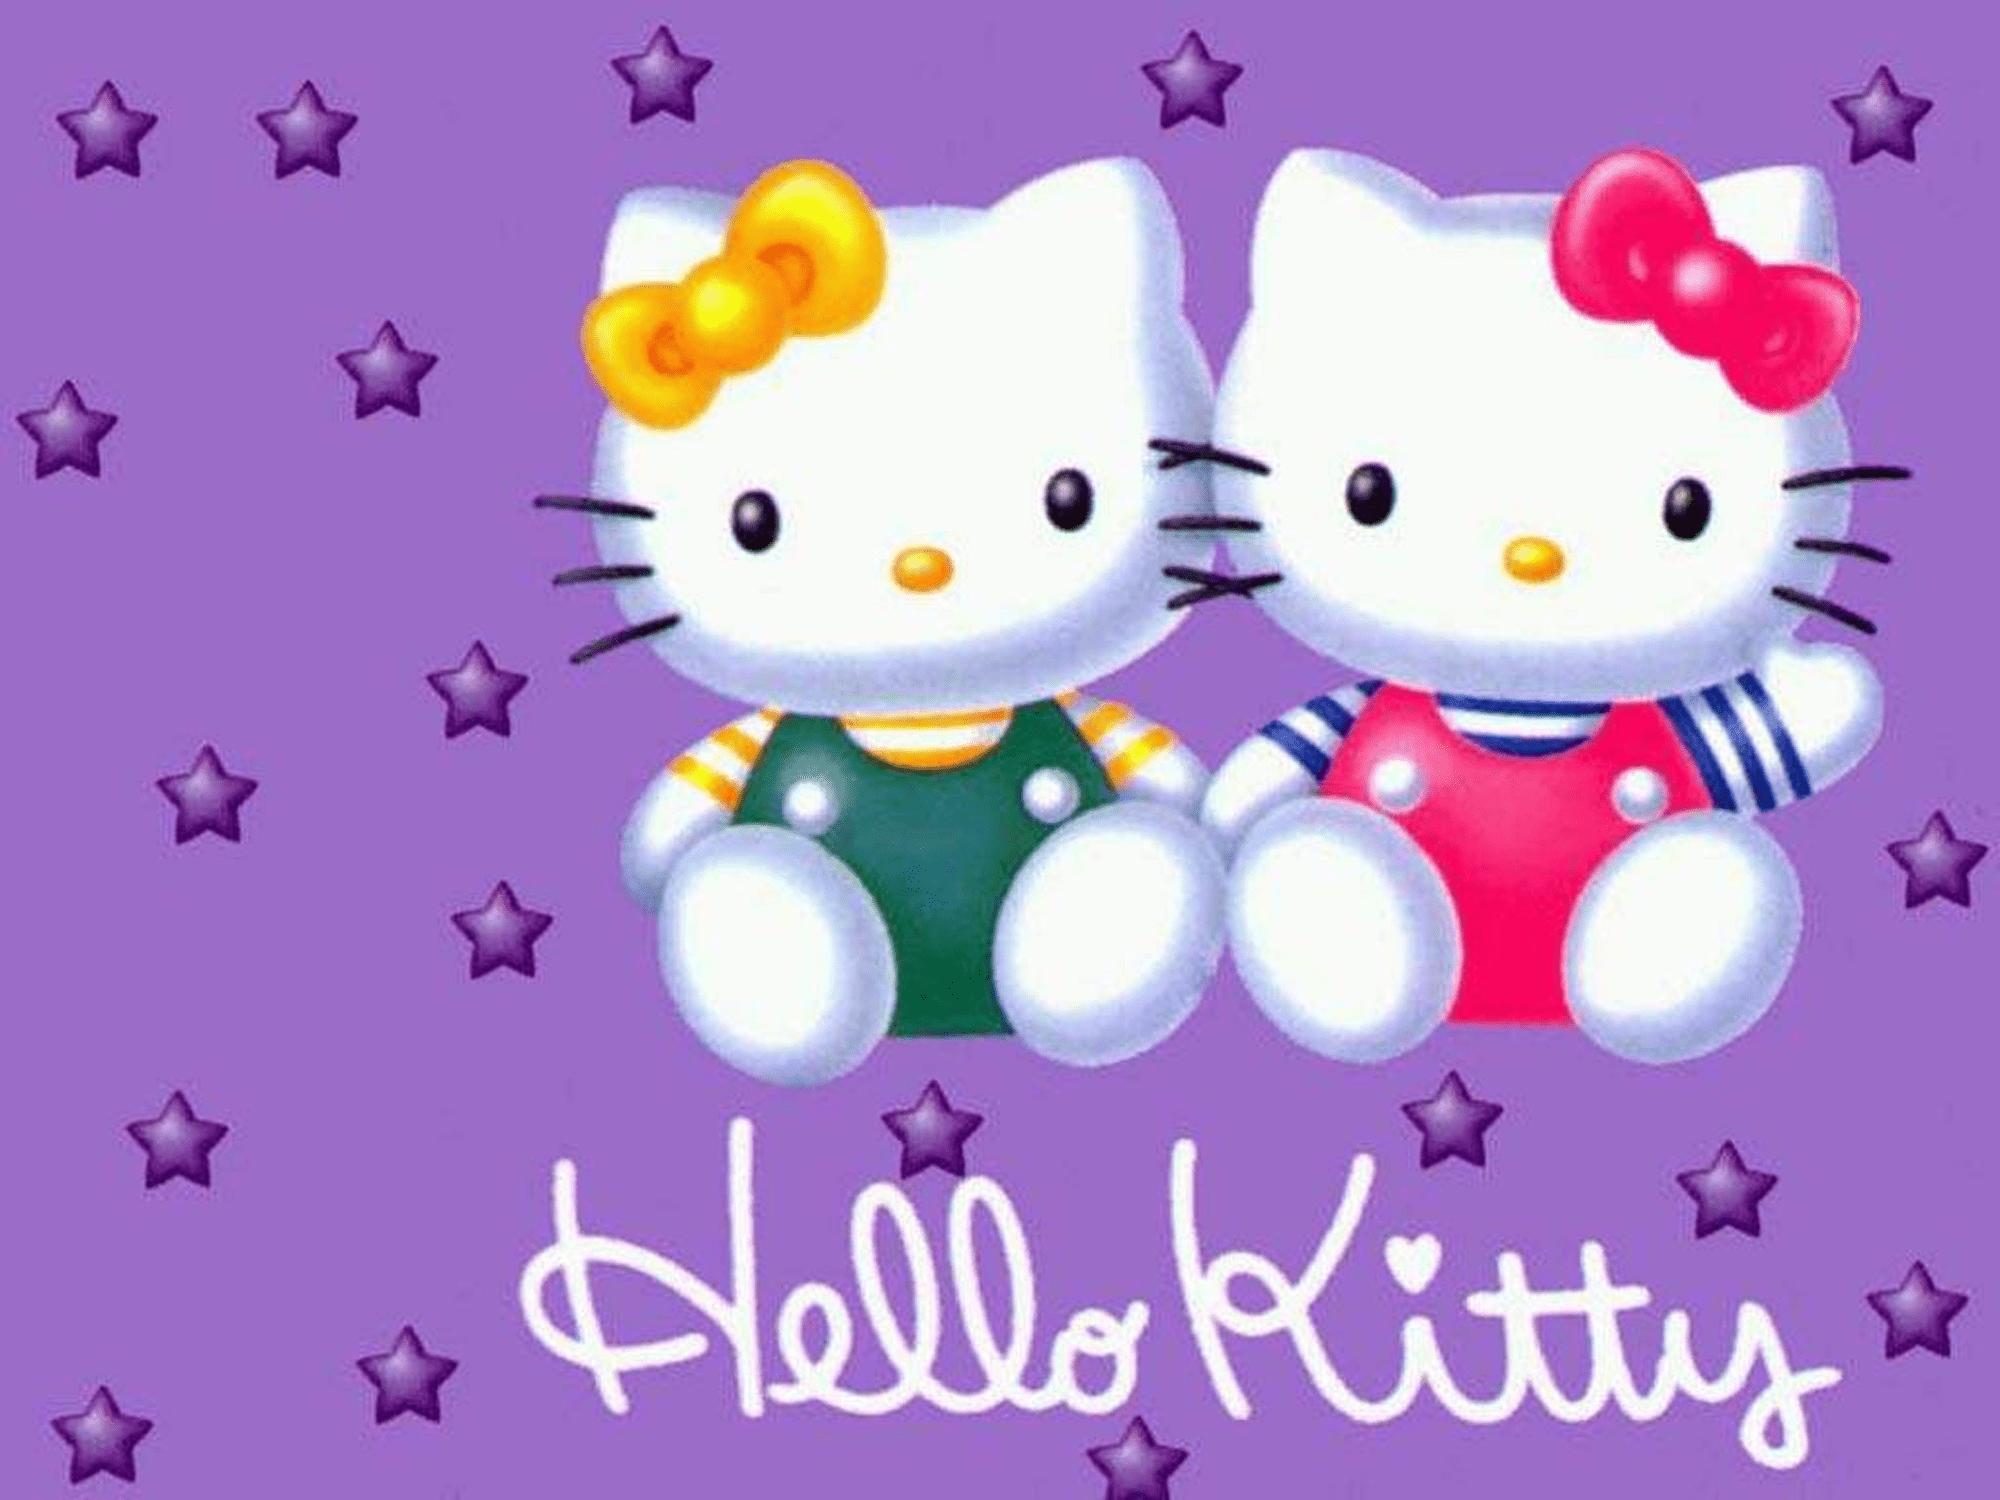 Best Friends Hello Kitty Wallpaper